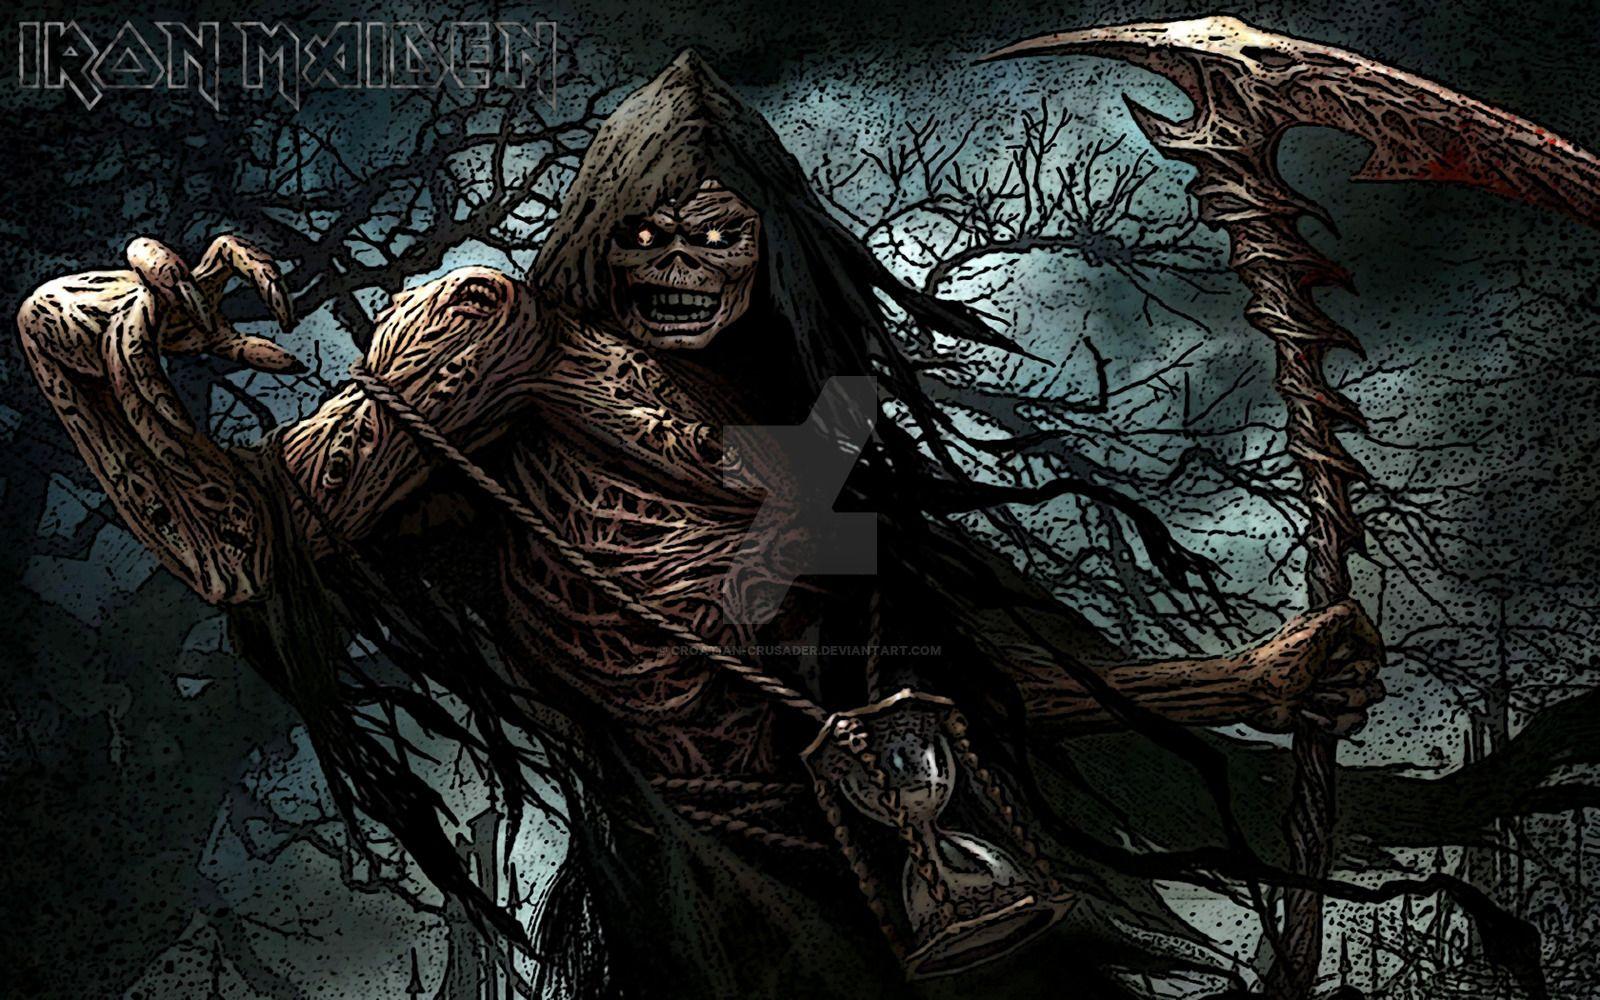 eddie_grim_reaper_by_croatian_crusaderd6oh3tw.jpg (1600